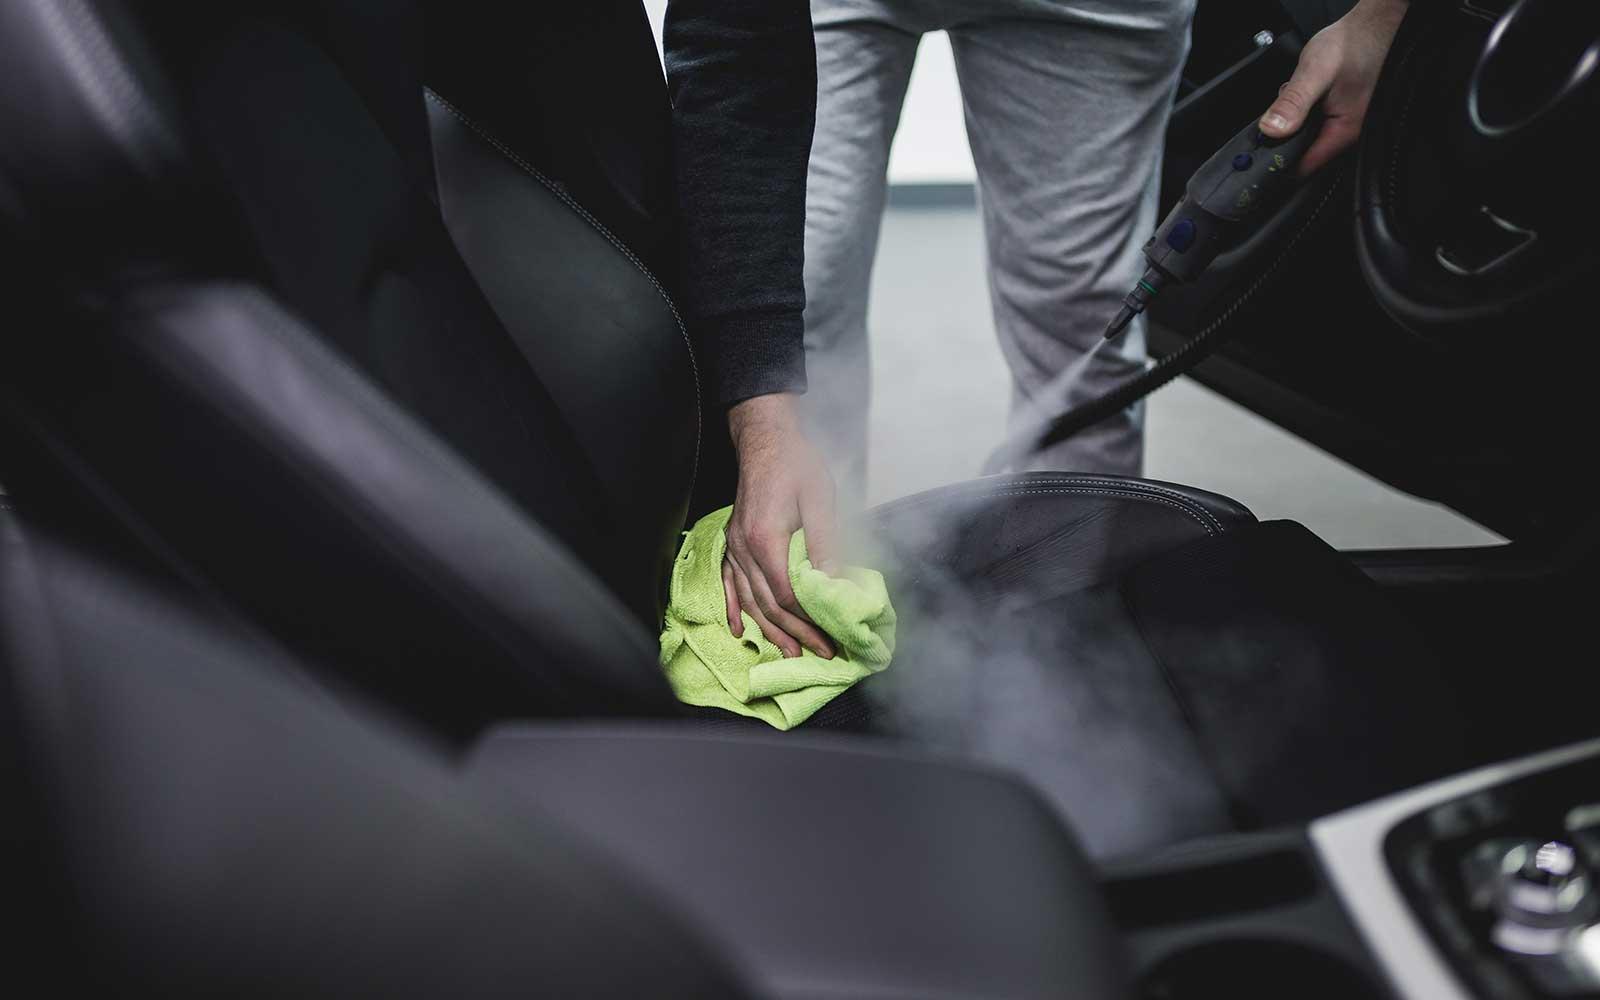 Pulendo la arazzi dell'auto con vapore